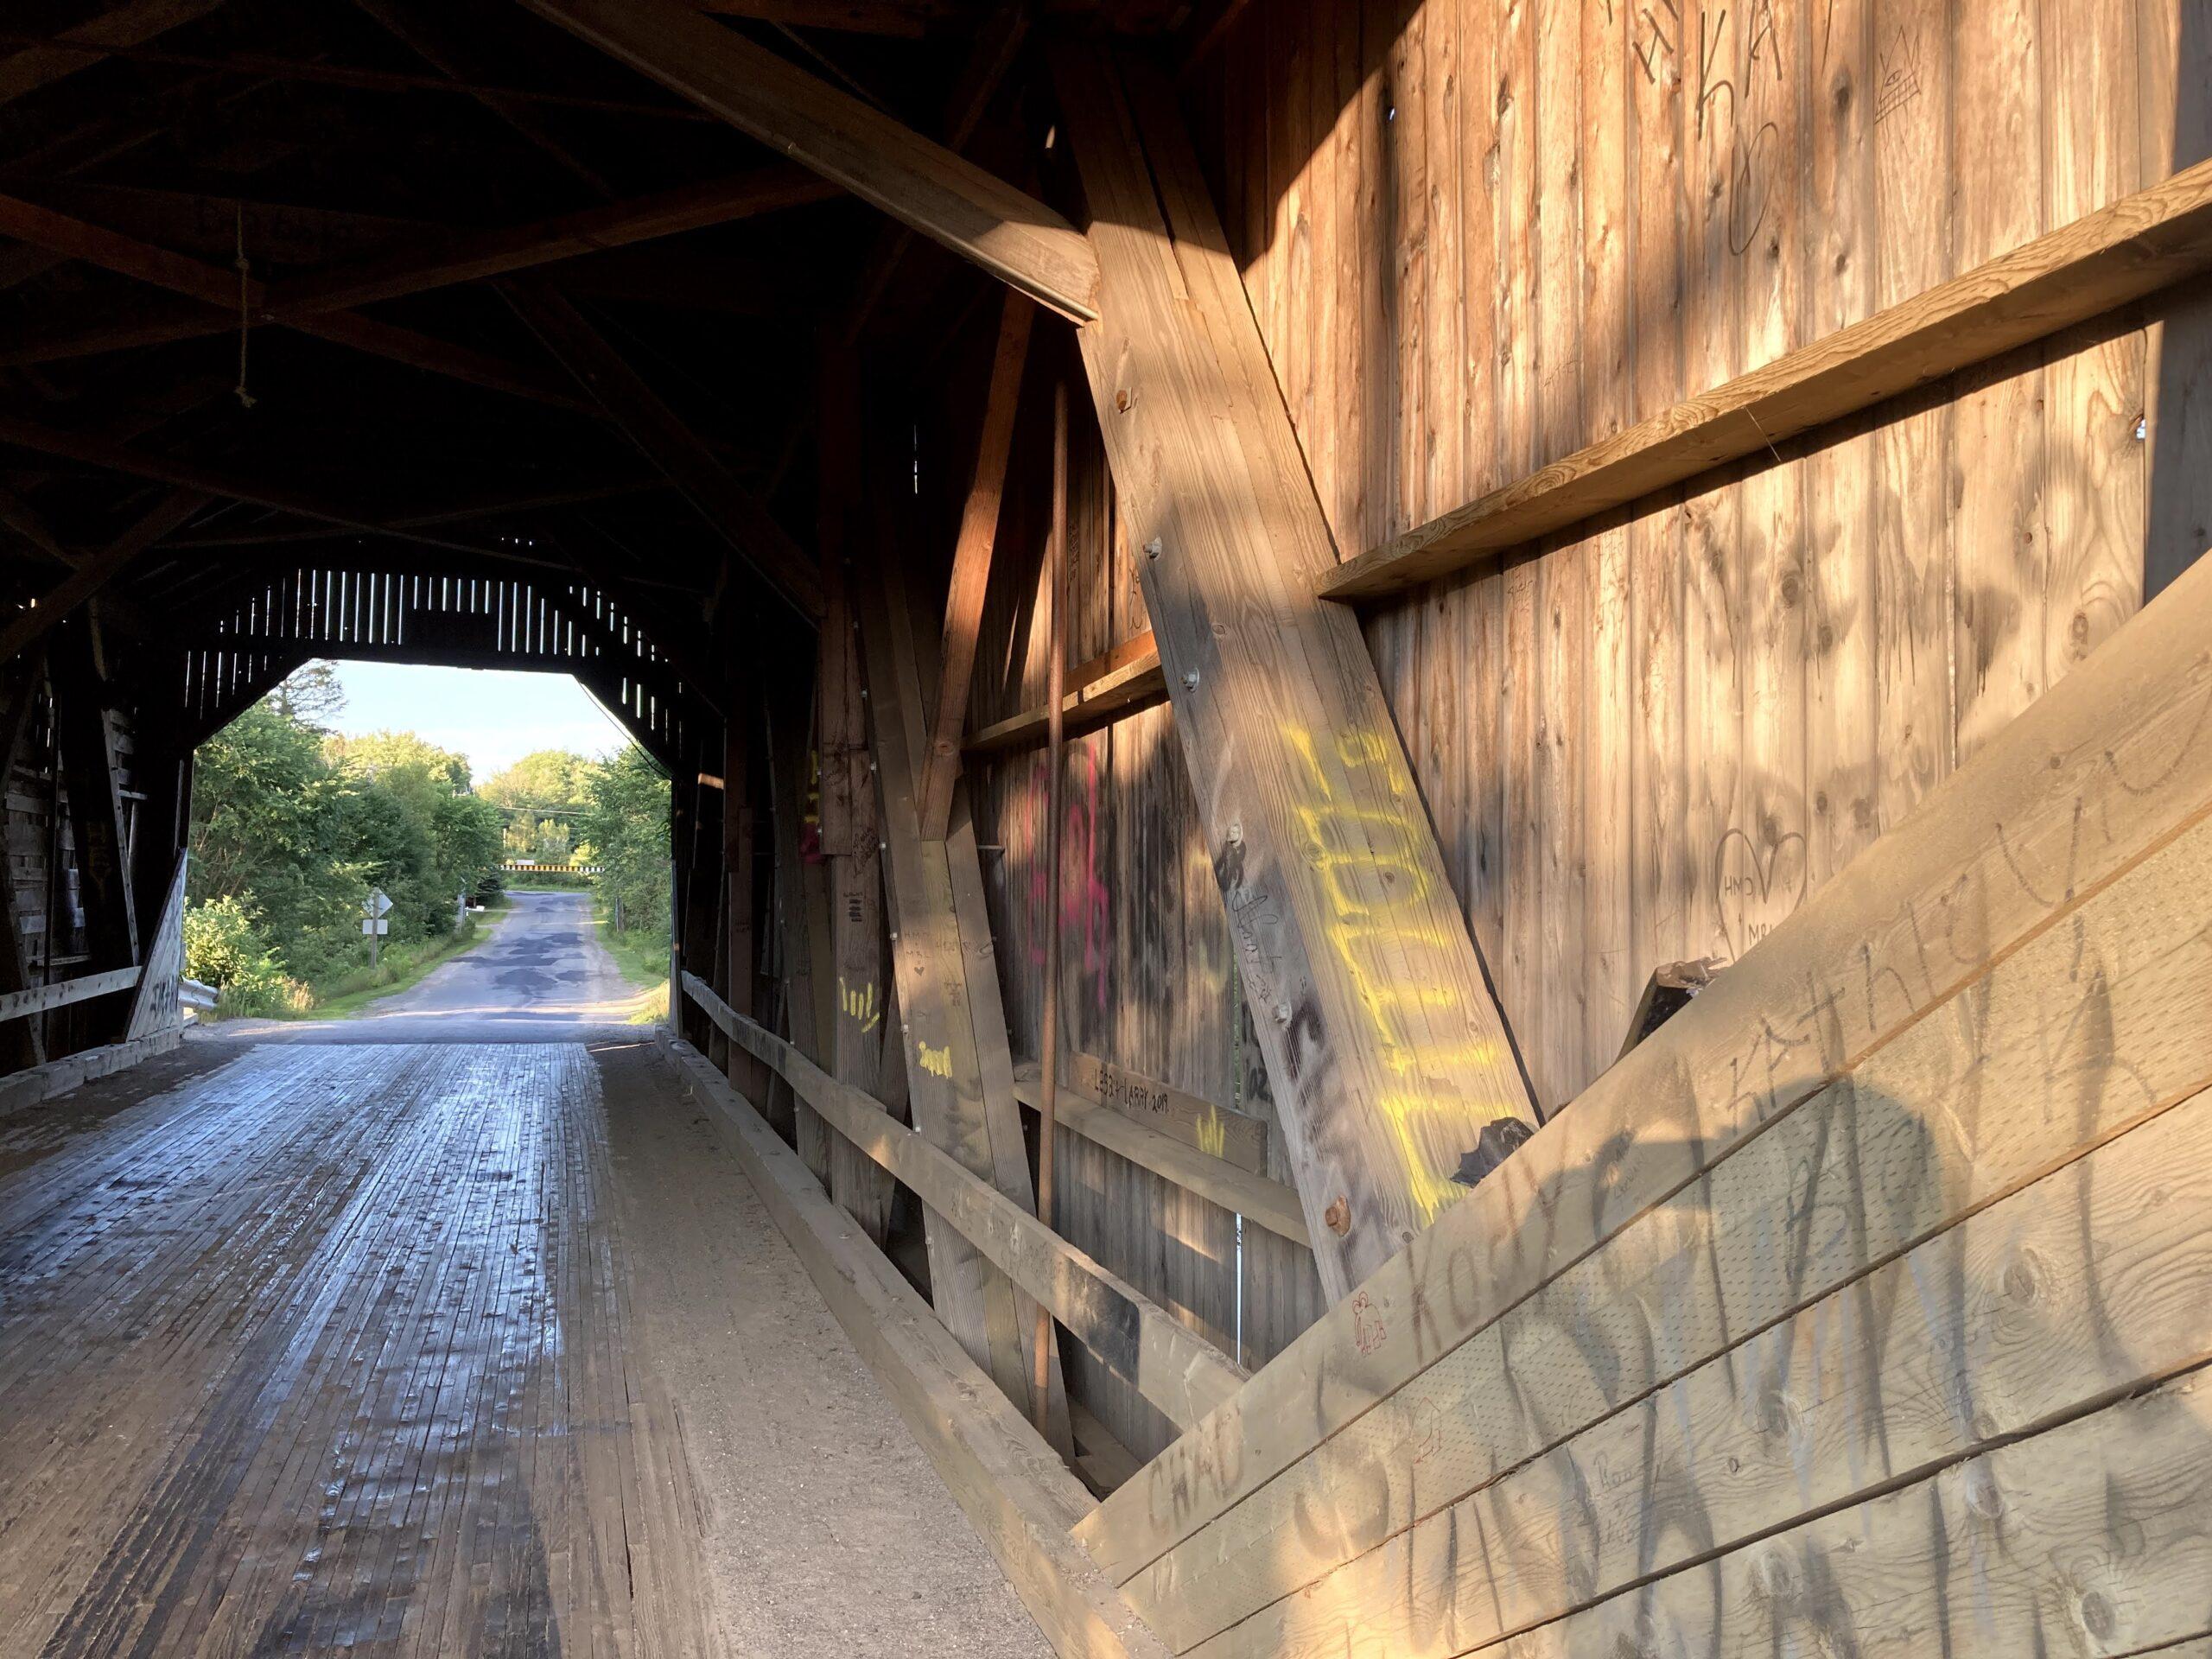 Interior of bridge.